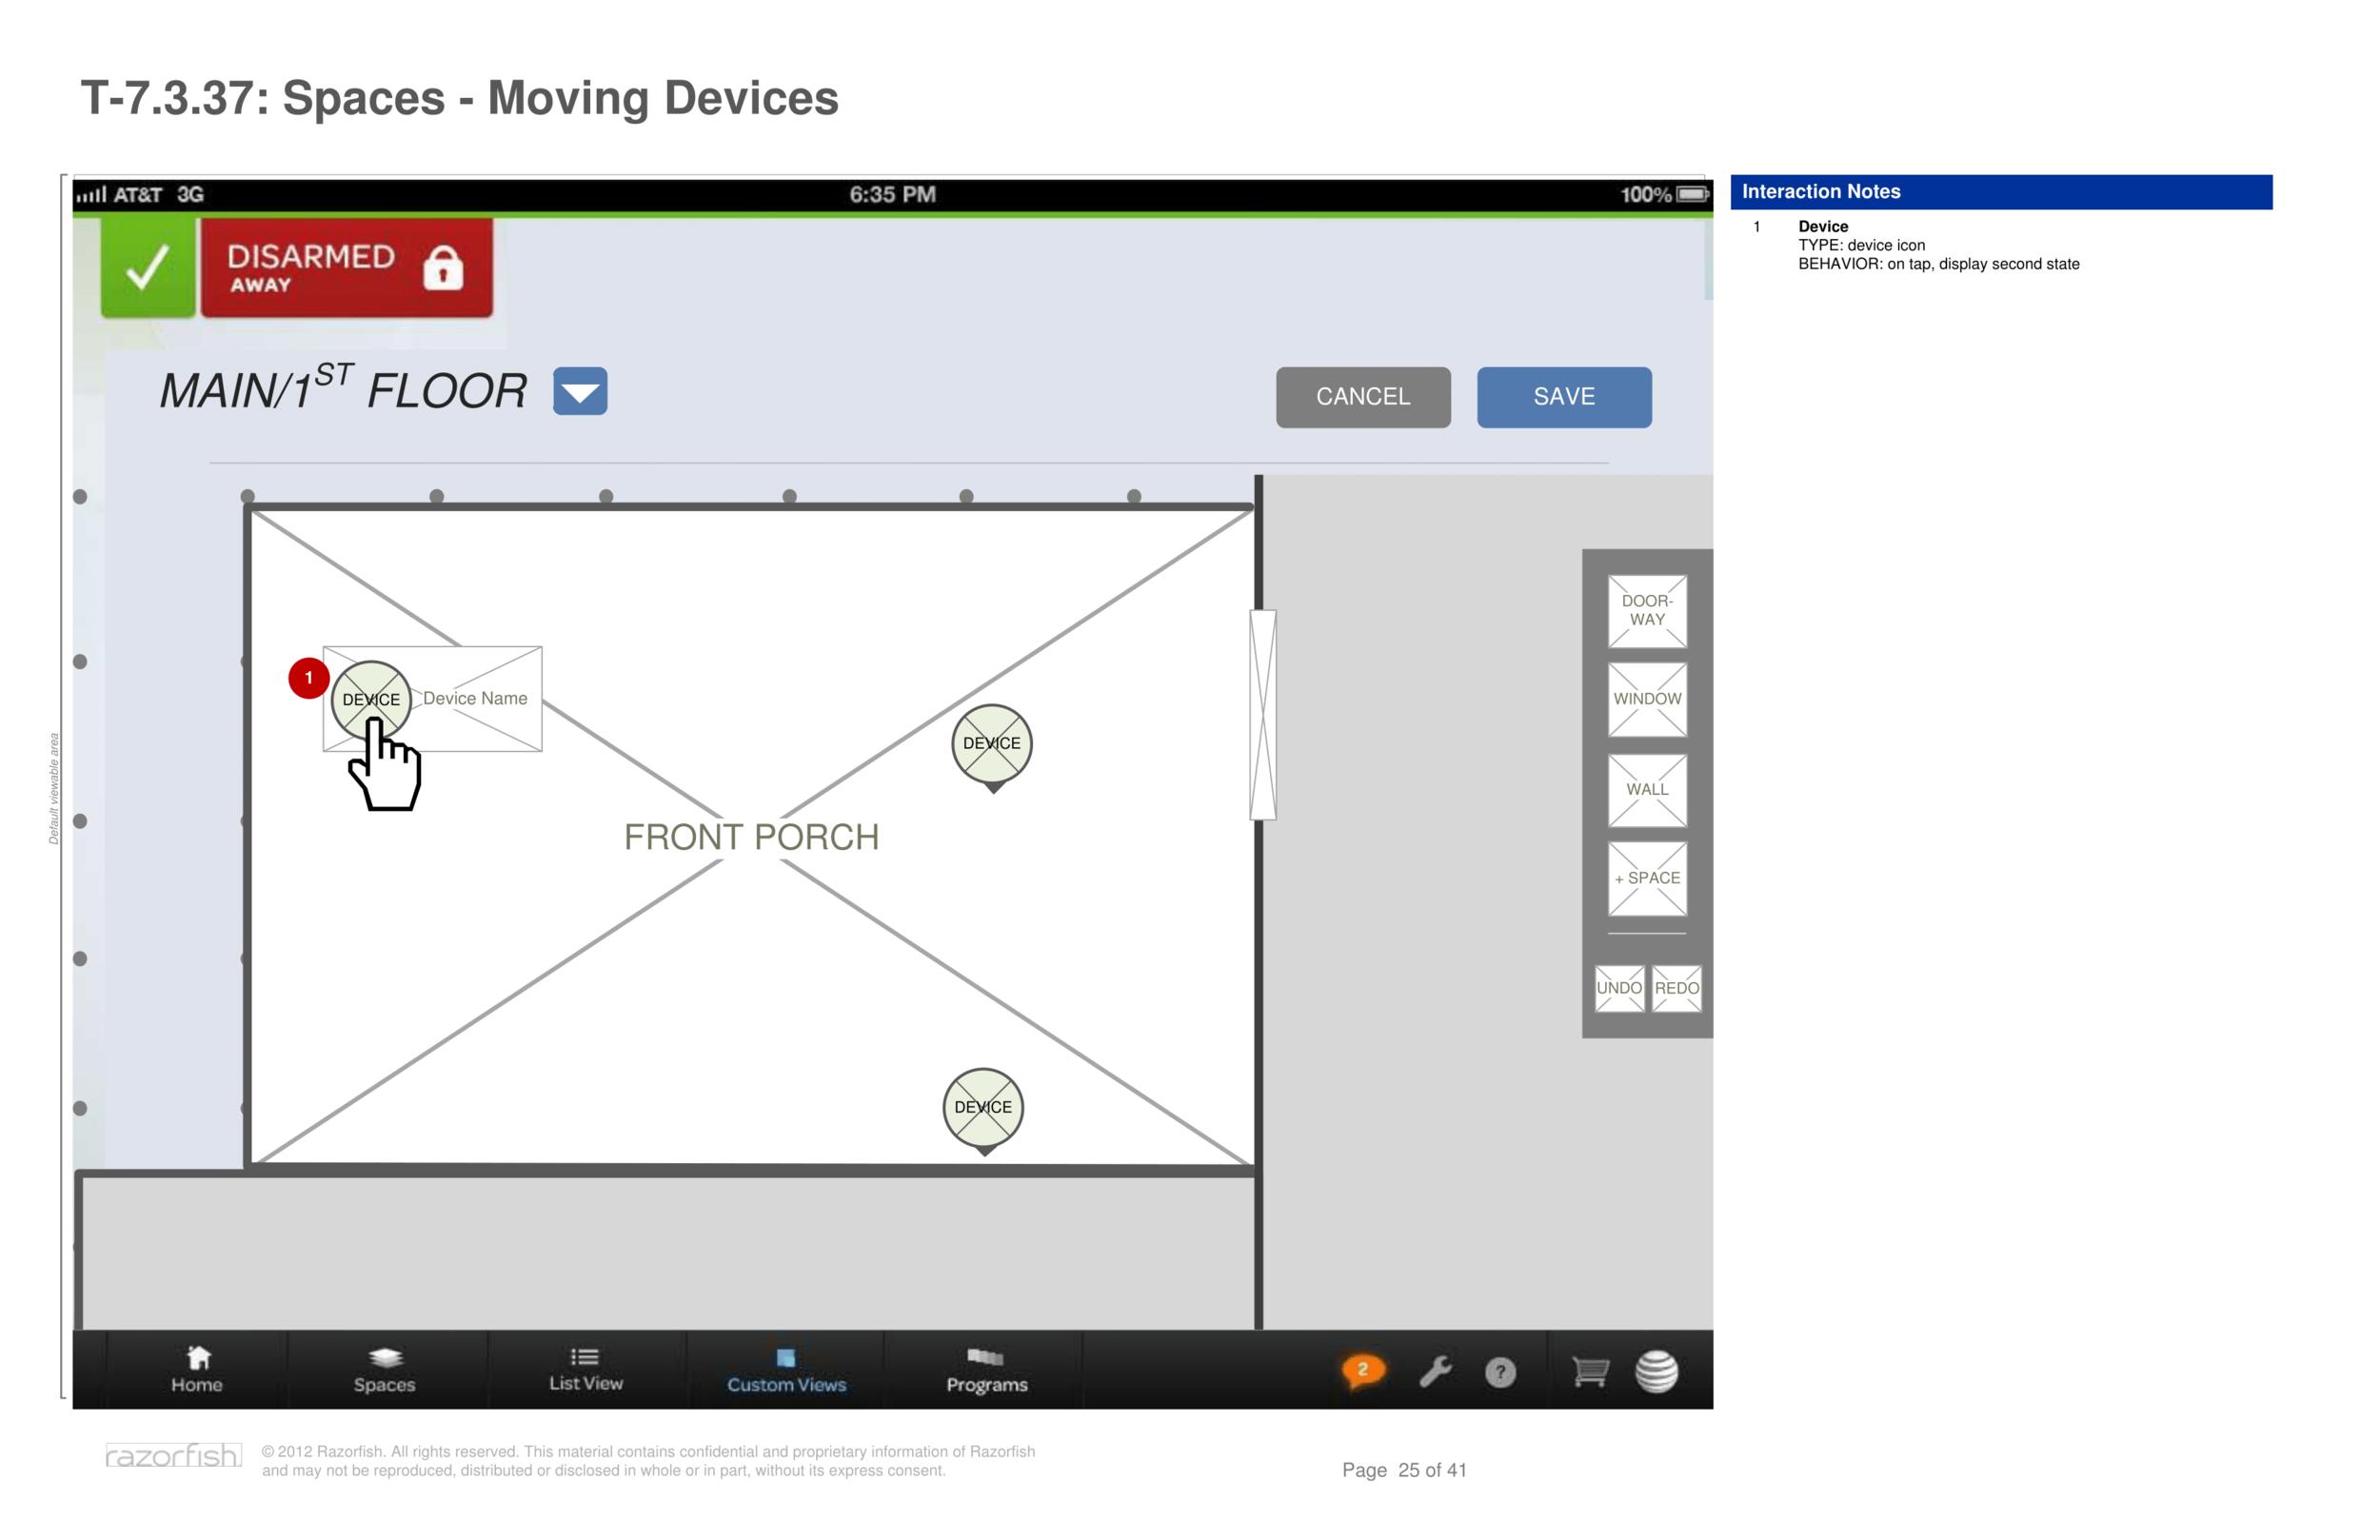 portfolio ATTDL_P1_iPad_Spaces_Wires_Draft_032612-25.png